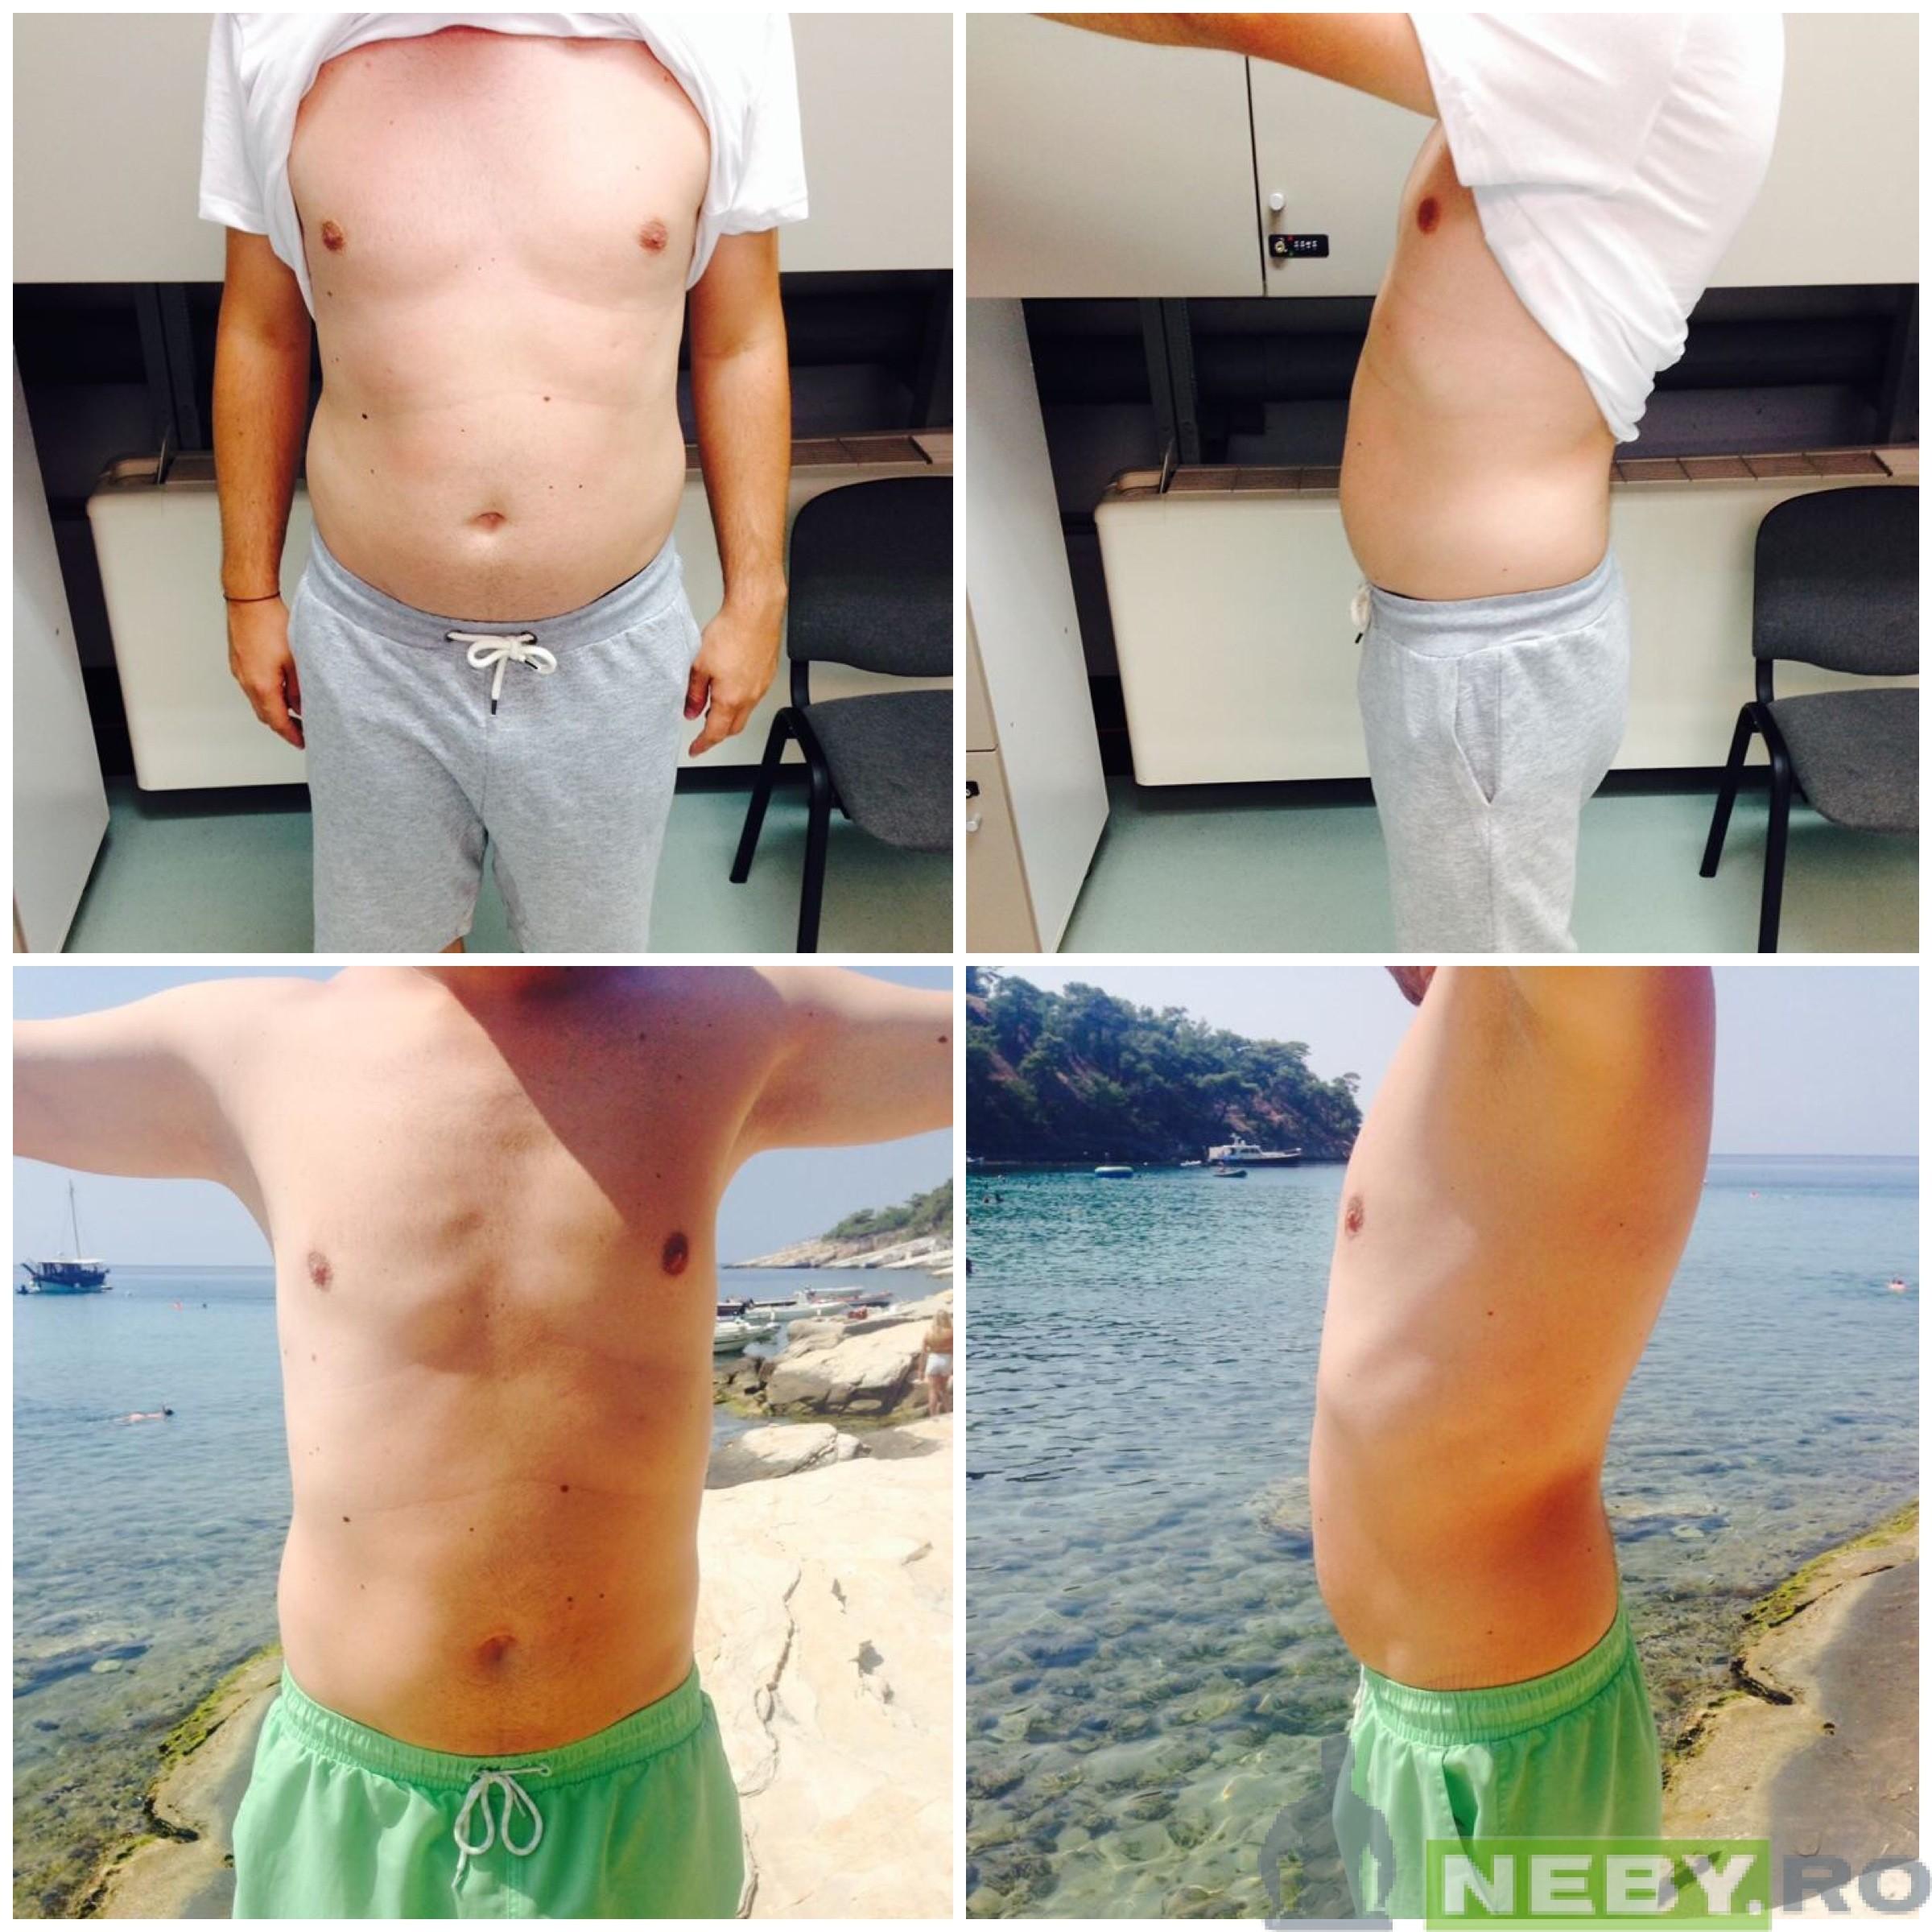 cum am slabit eu 12 kg in 6 saptamani - Club - keracalita-jaristea.ro